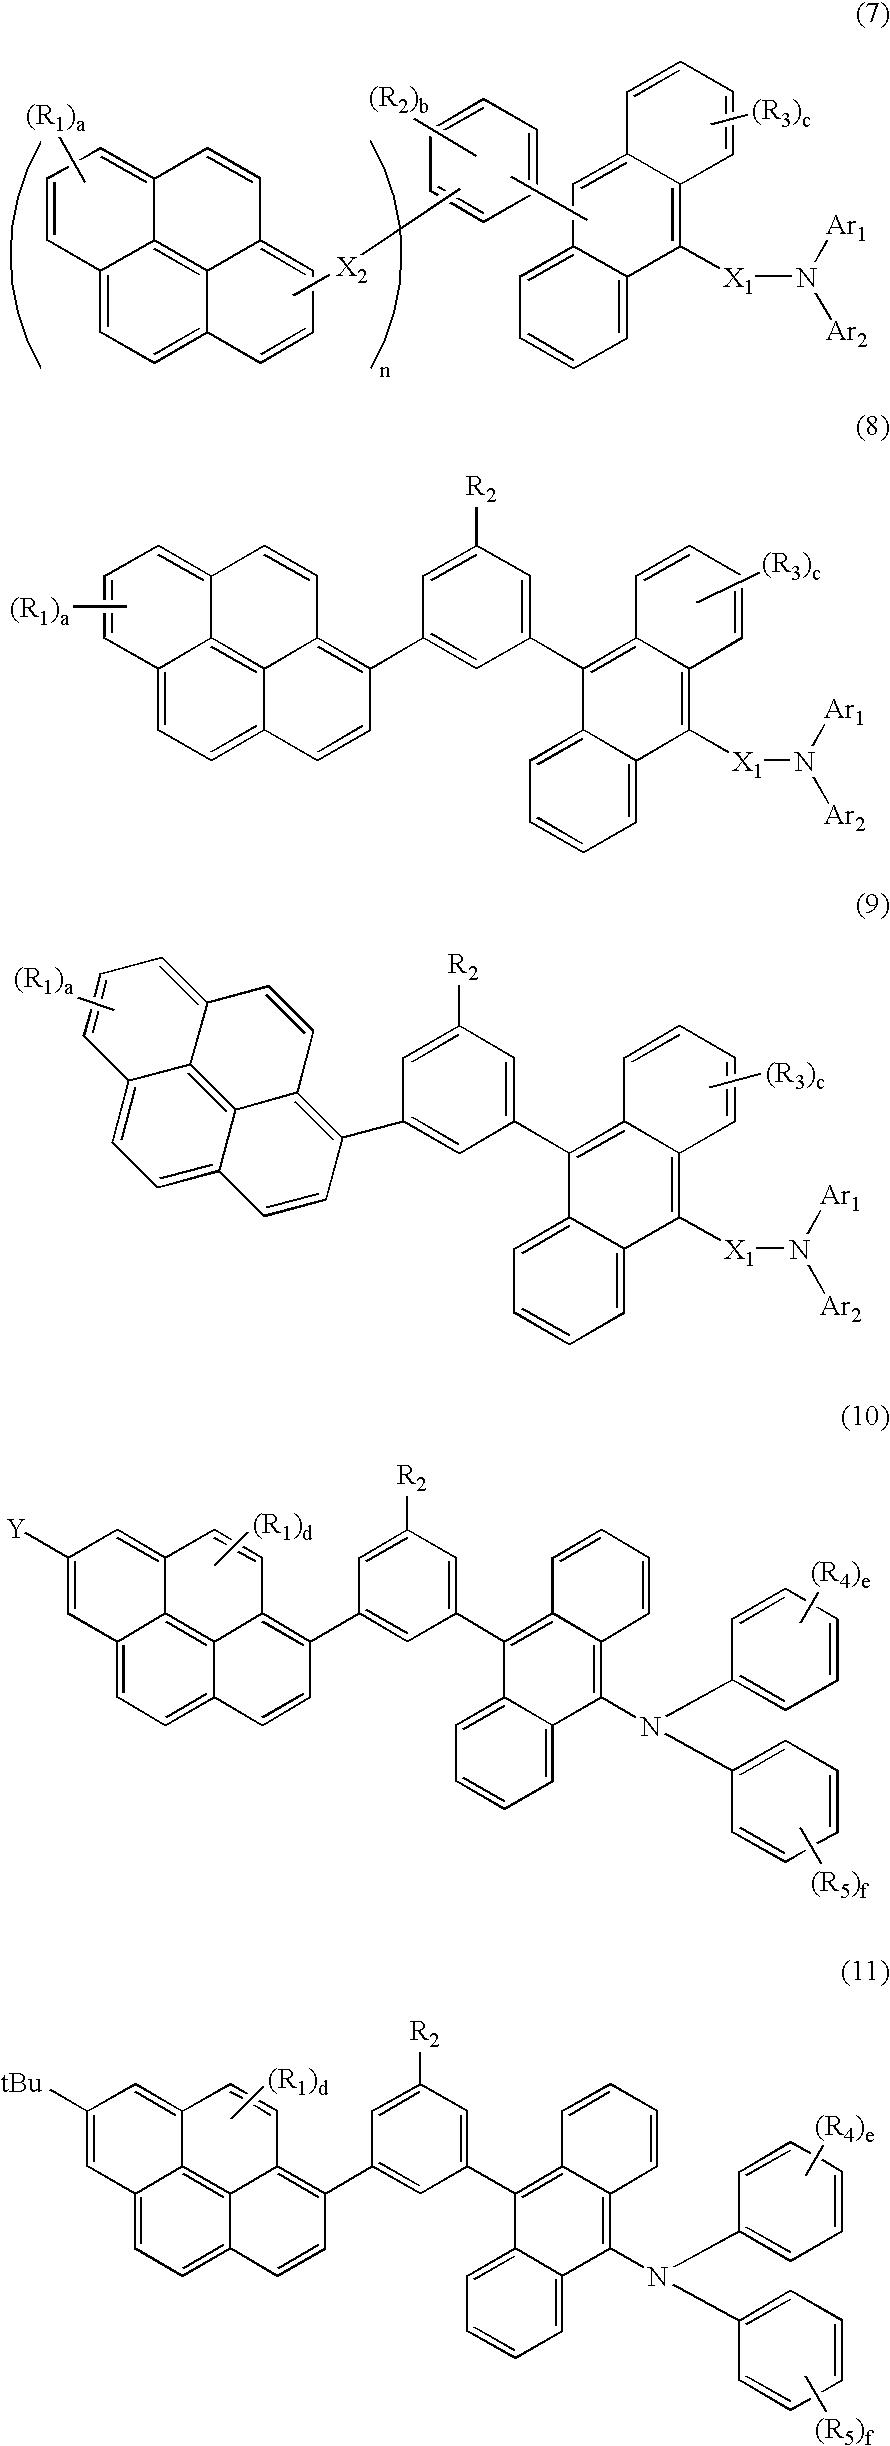 Figure US20060115678A1-20060601-C00004